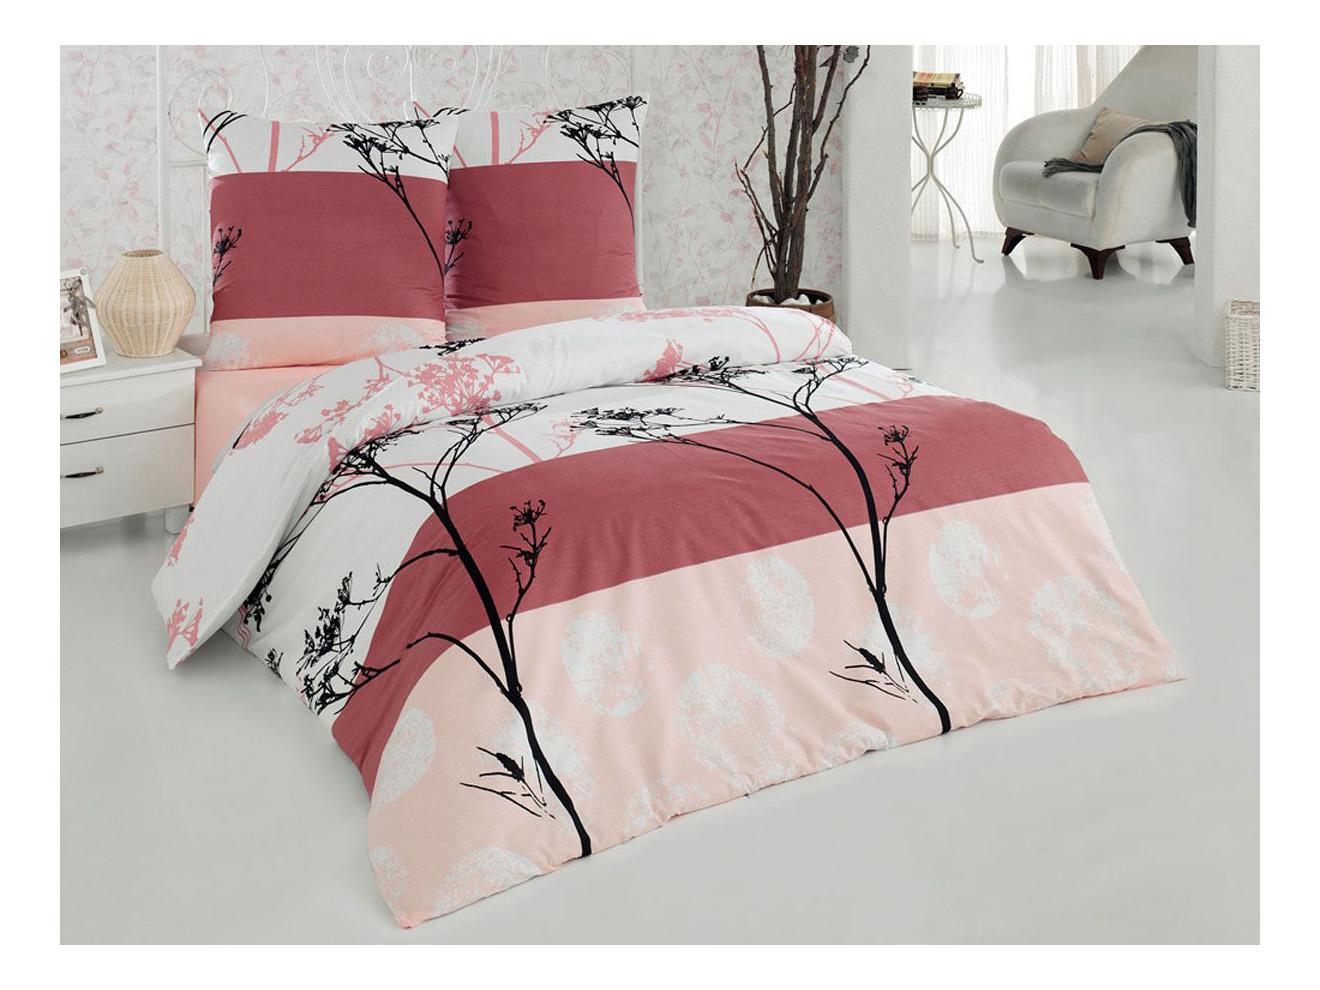 Комплект постельного белья Tete-a-tete classic евро К-8061 фото